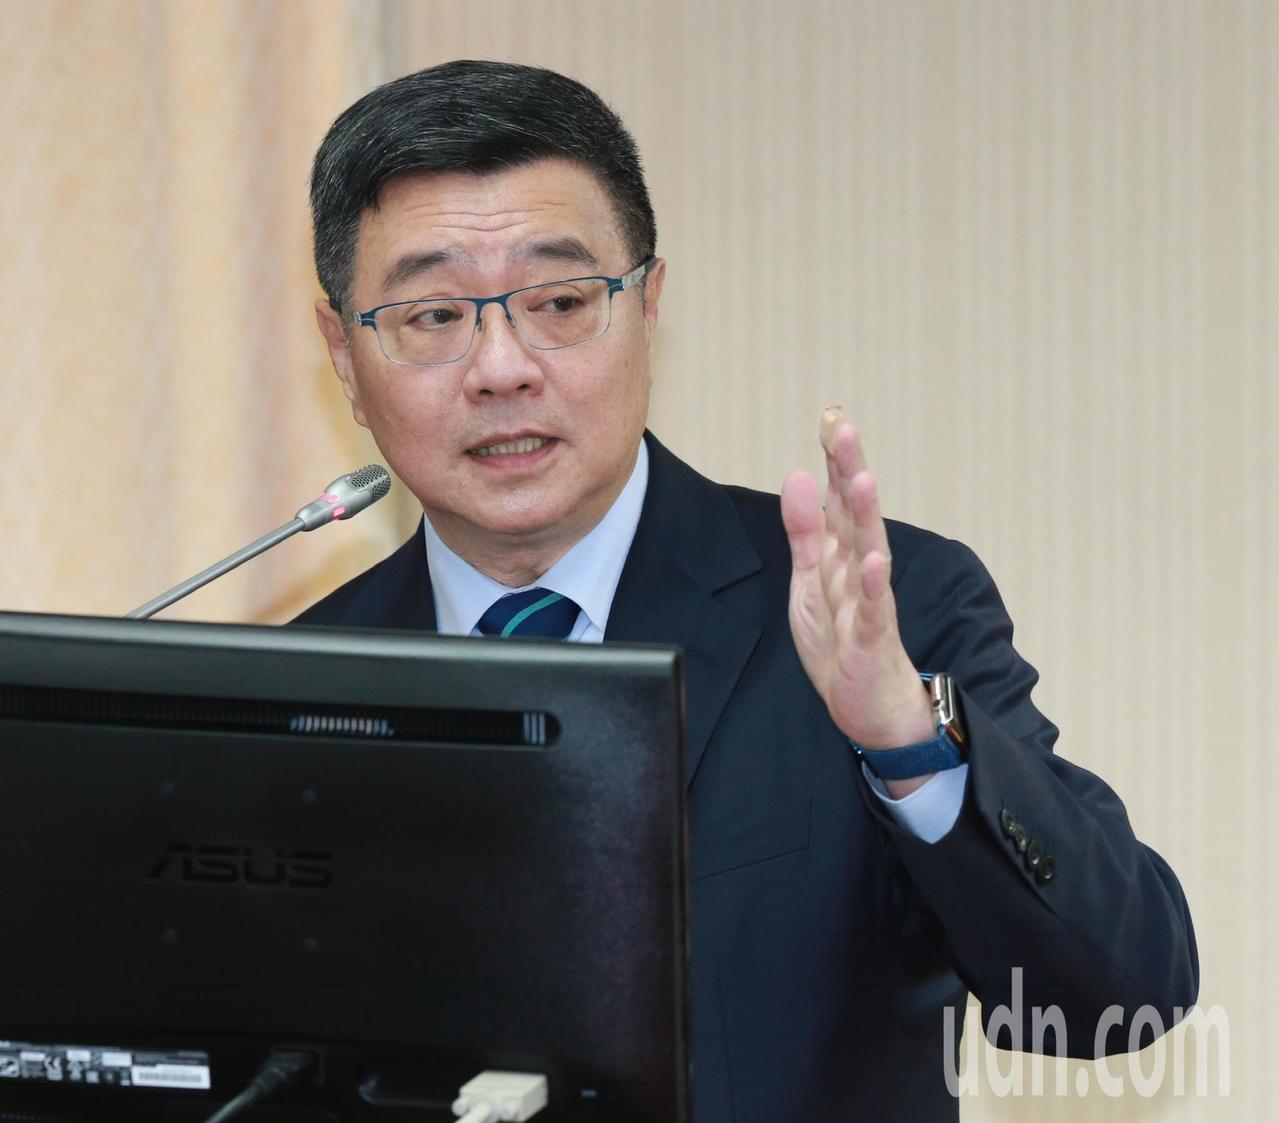 行政院秘書長卓榮泰。圖/聯合報系資料照